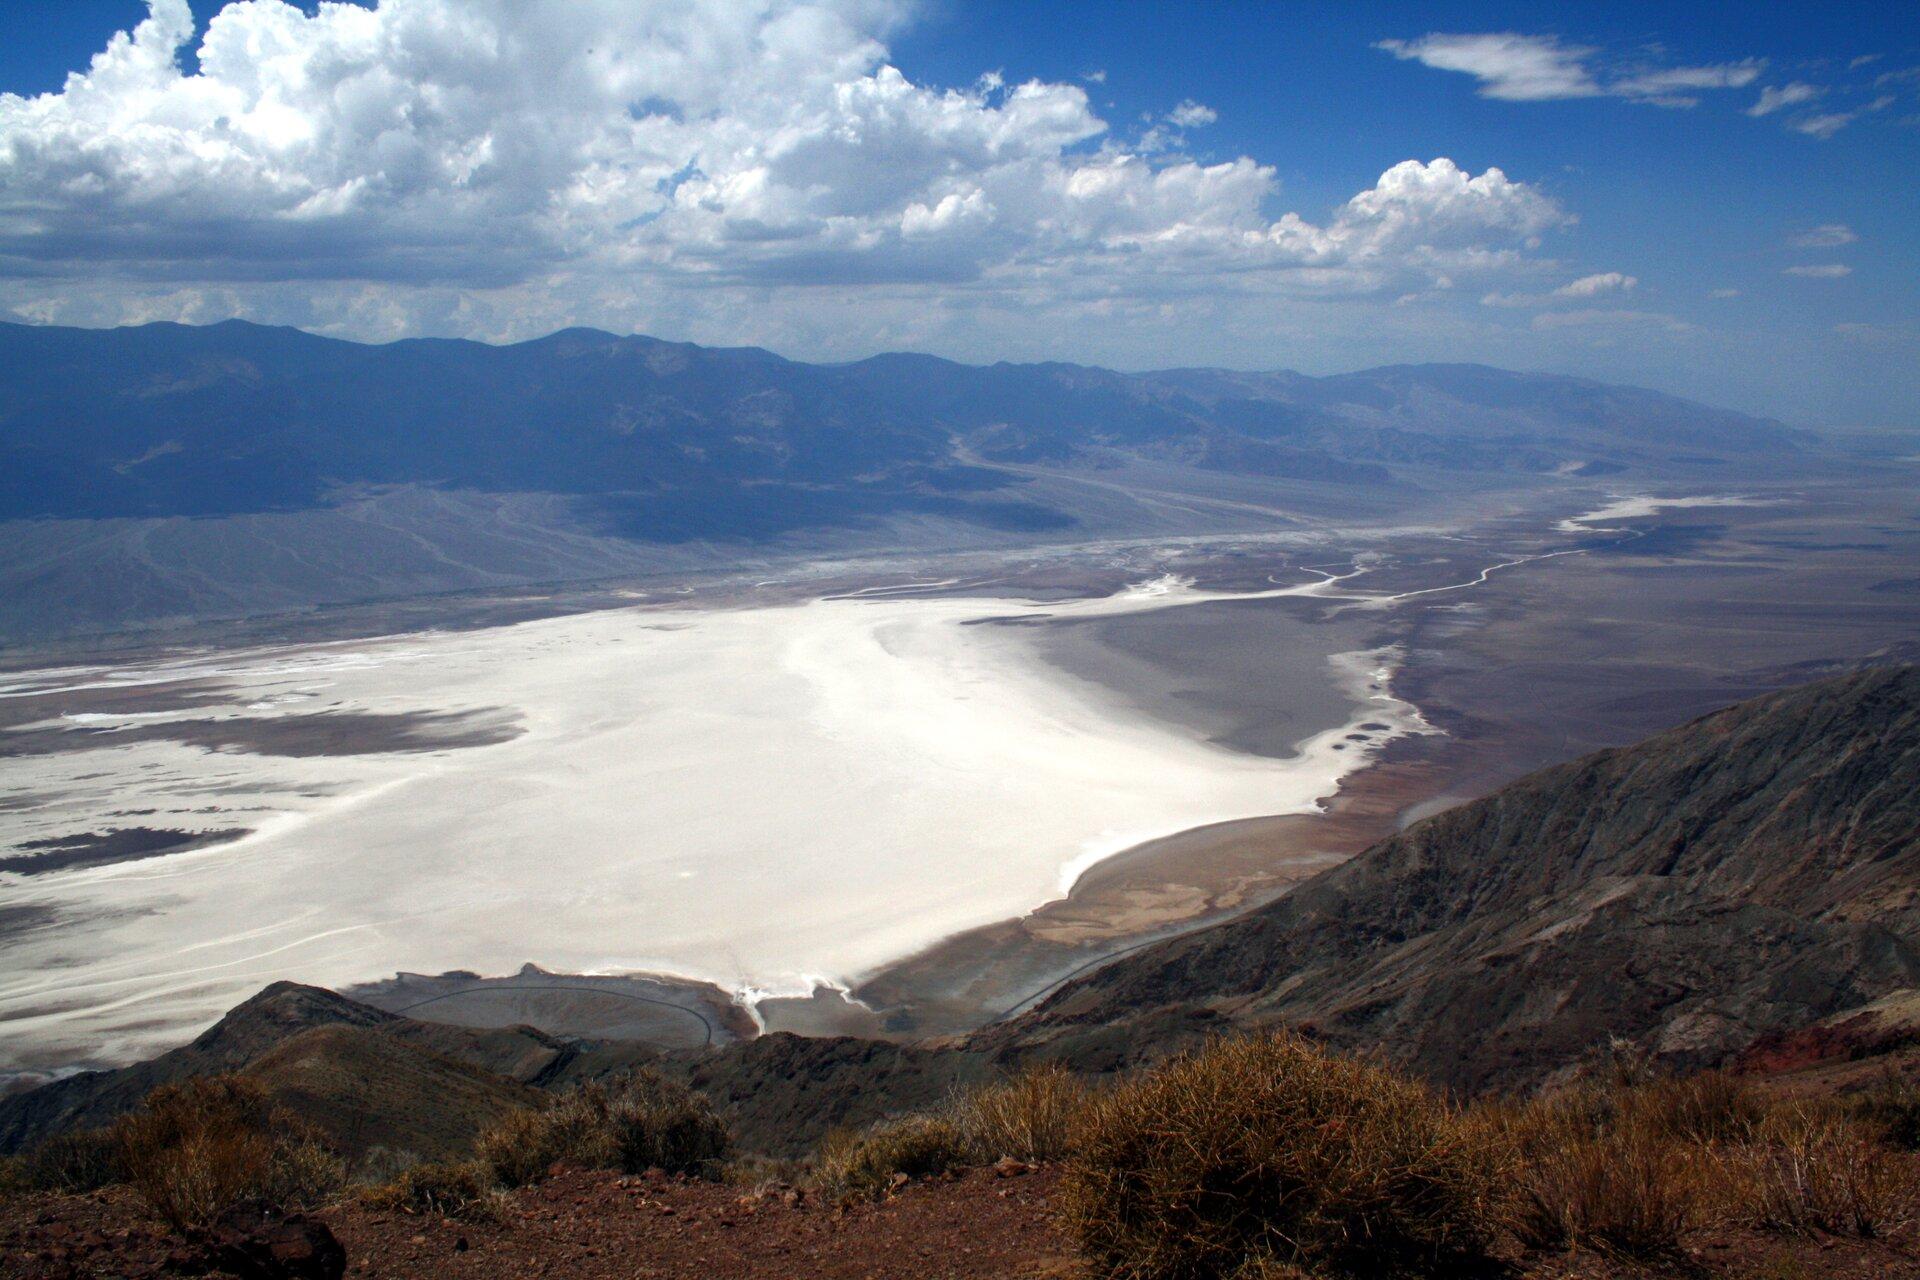 Na zdjęciu rozległa dolina wypełniona białym osadem. Dolinę otaczają potężne pasma górskie. Na pierwszym planie kępy traw. Niebo pokryte gęstym chmurami.